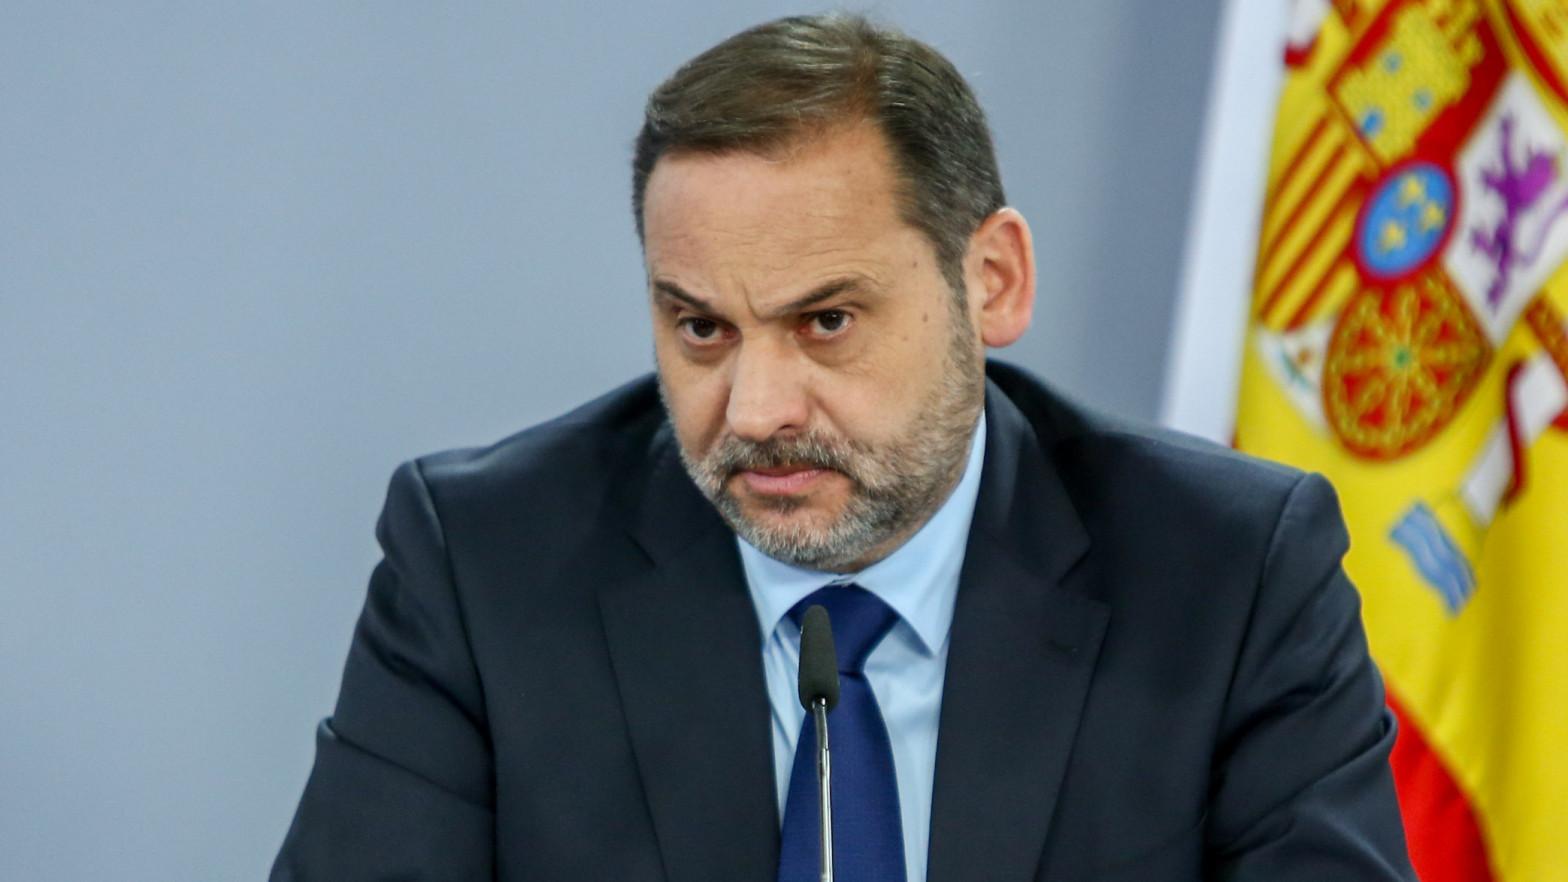 El PP pide explicaciones al Gobierno sobre su relación con el proveedor de mascarillas 'favorito' de Ábalos